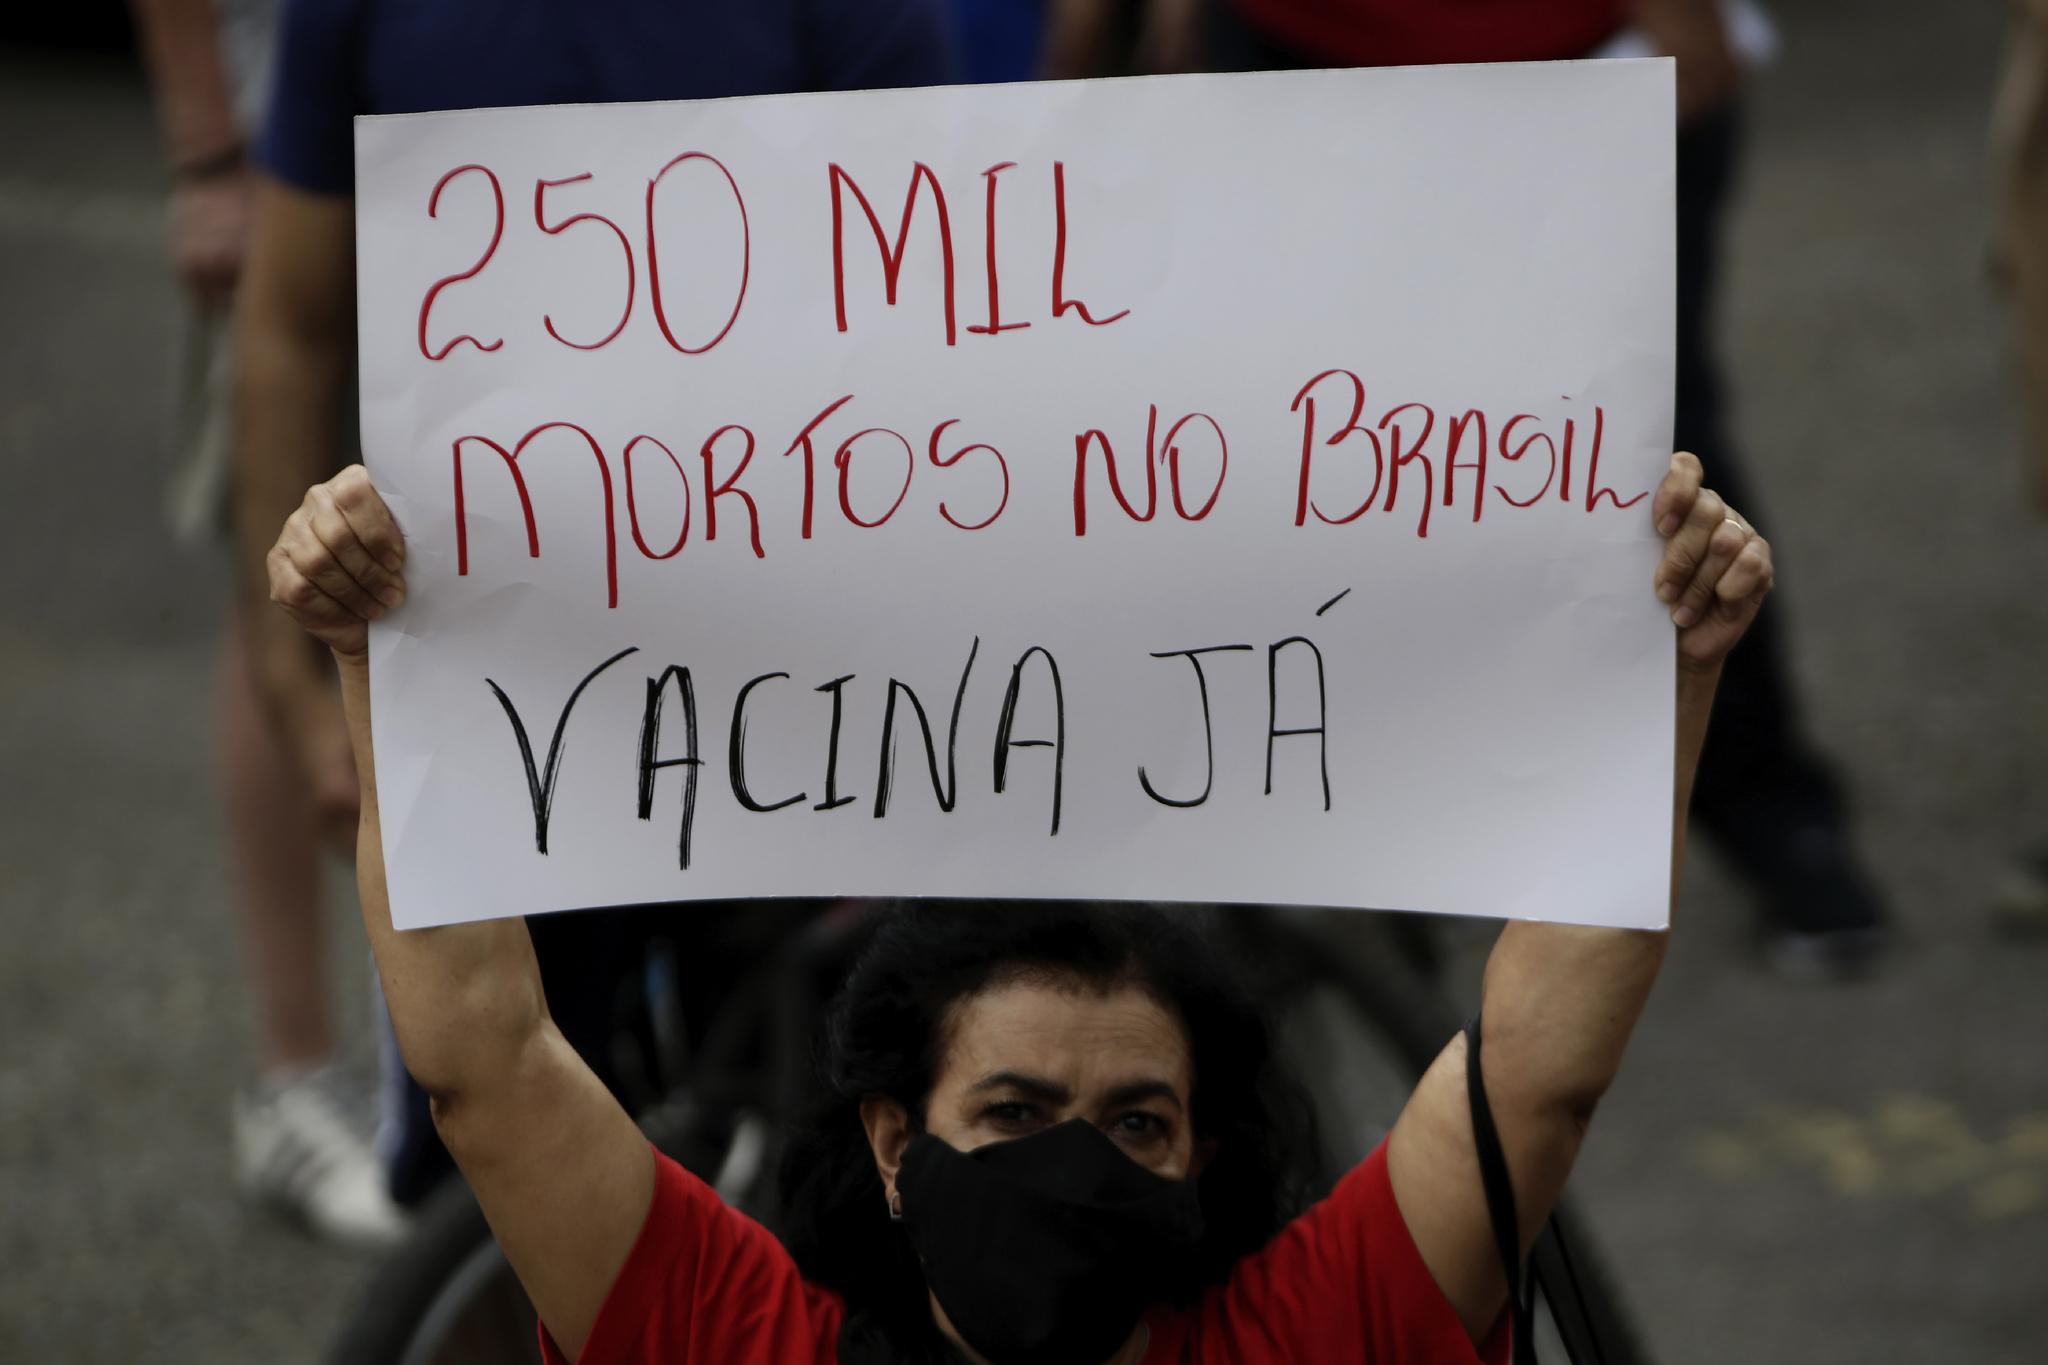 """21일 시위에 참여한 한 여성이 """"브라질에서 25만명이 사망했다. 지금 백신이 필요하다""""고 쓴 플래카드를 들고 있다. AP=연합뉴스"""